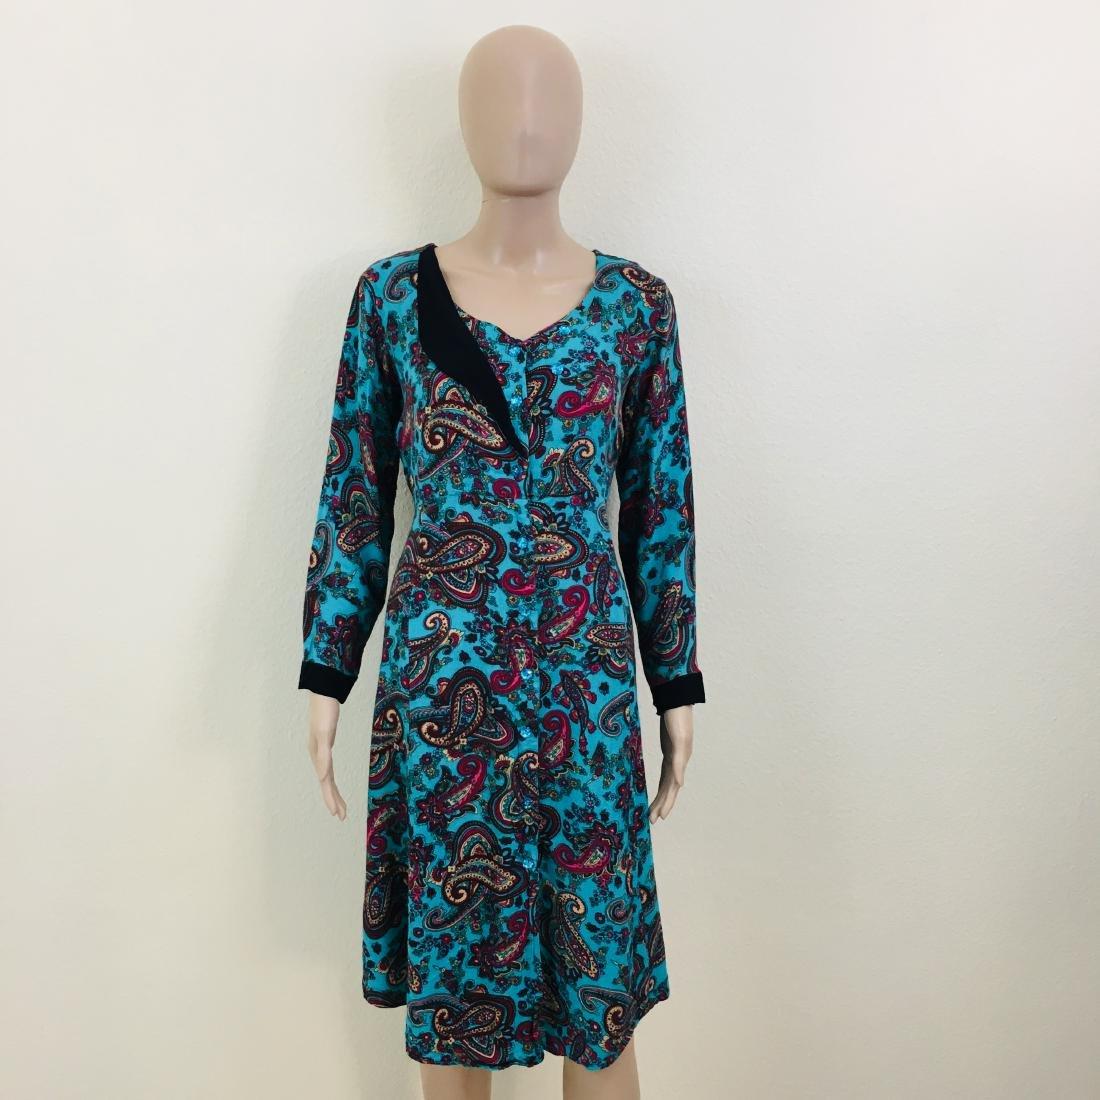 Vintage Women's Handmade Designer Dress